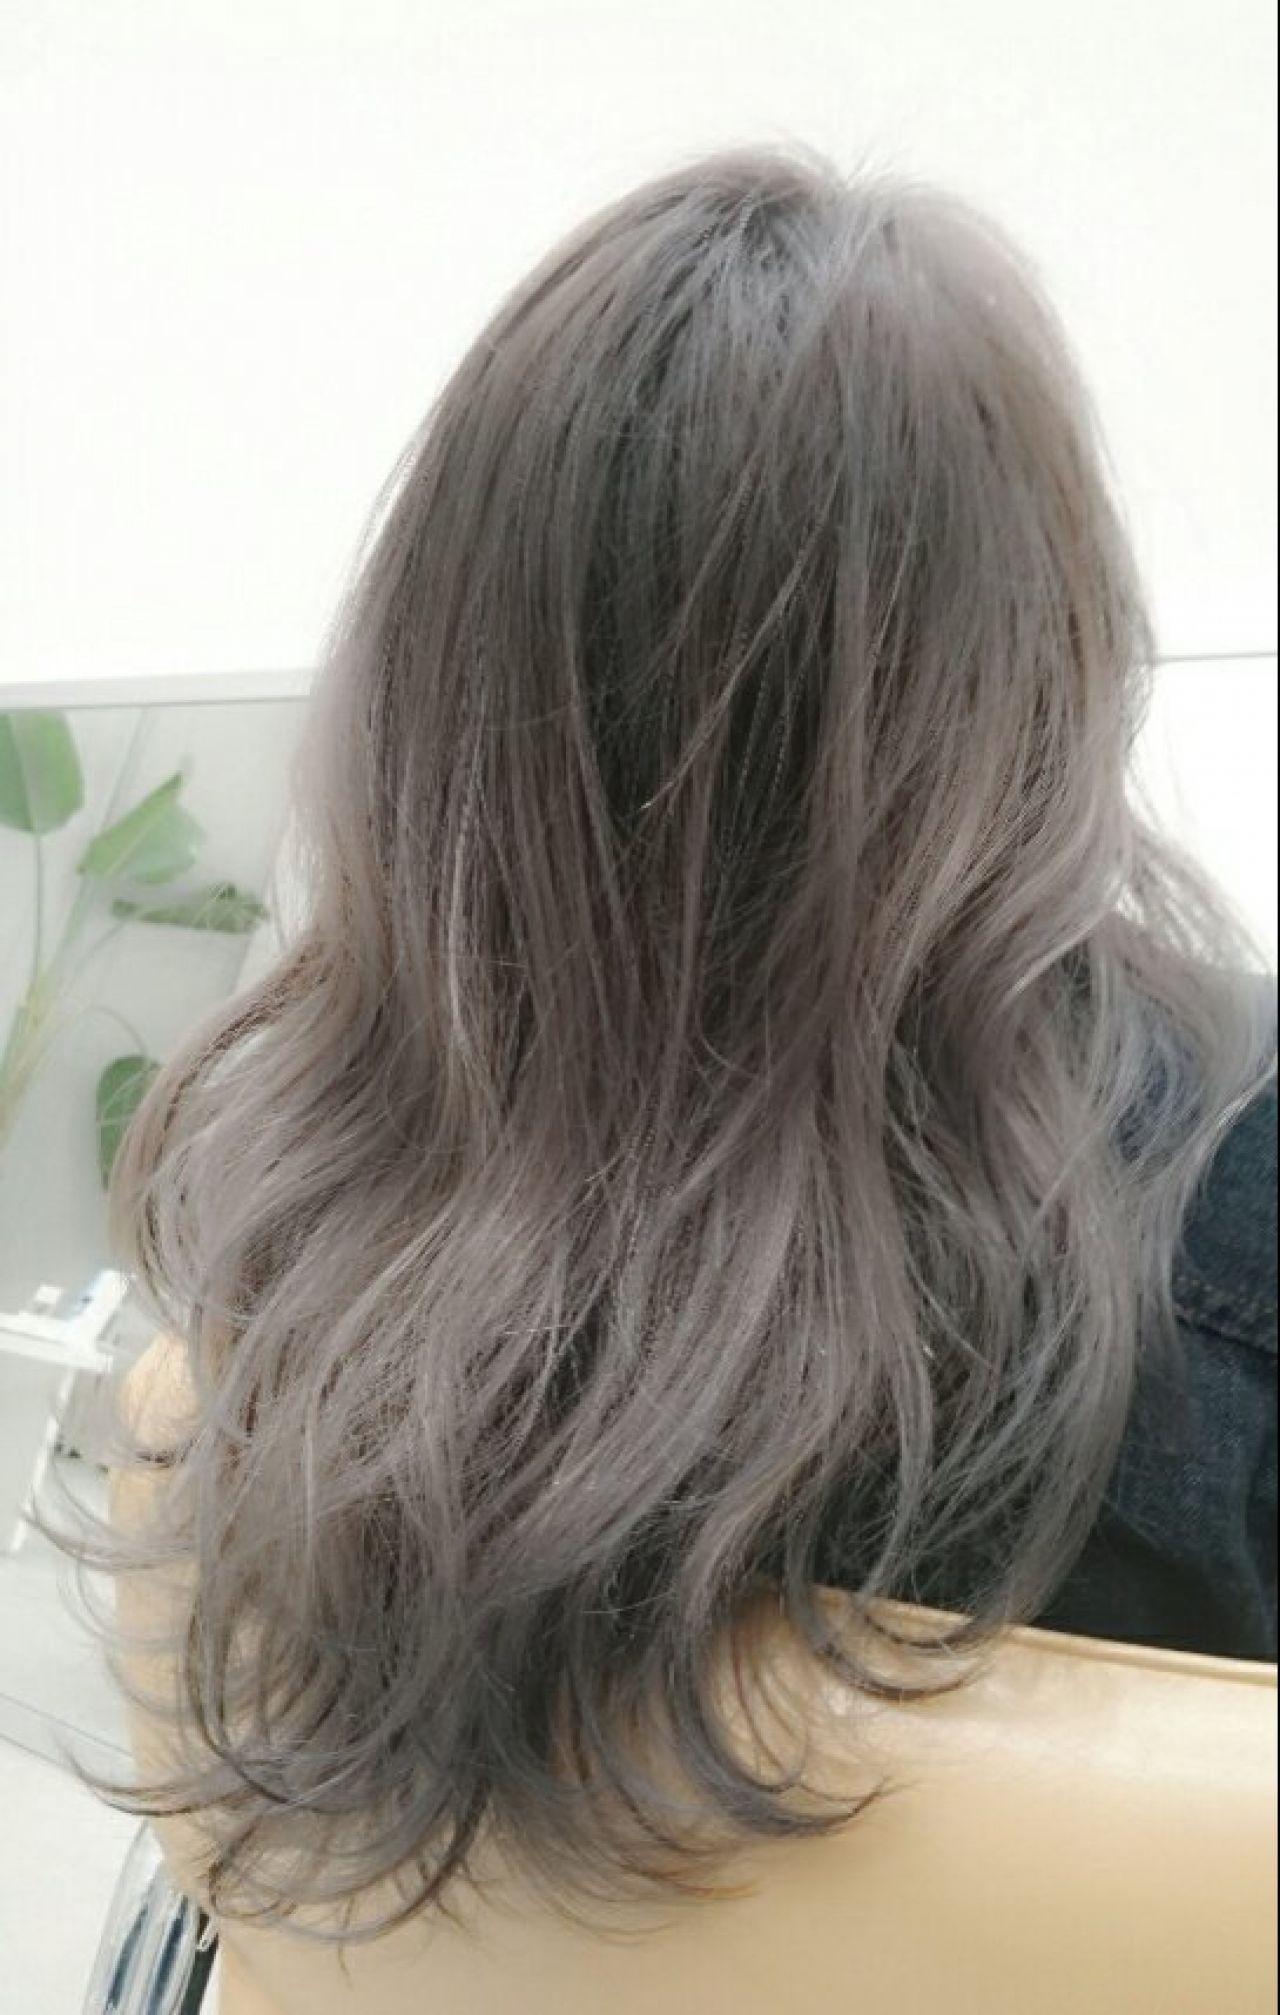 アッシュ グラデーションカラー パンク 黒髪 ヘアスタイルや髪型の写真・画像 | 白川 知博 / KEYMAN